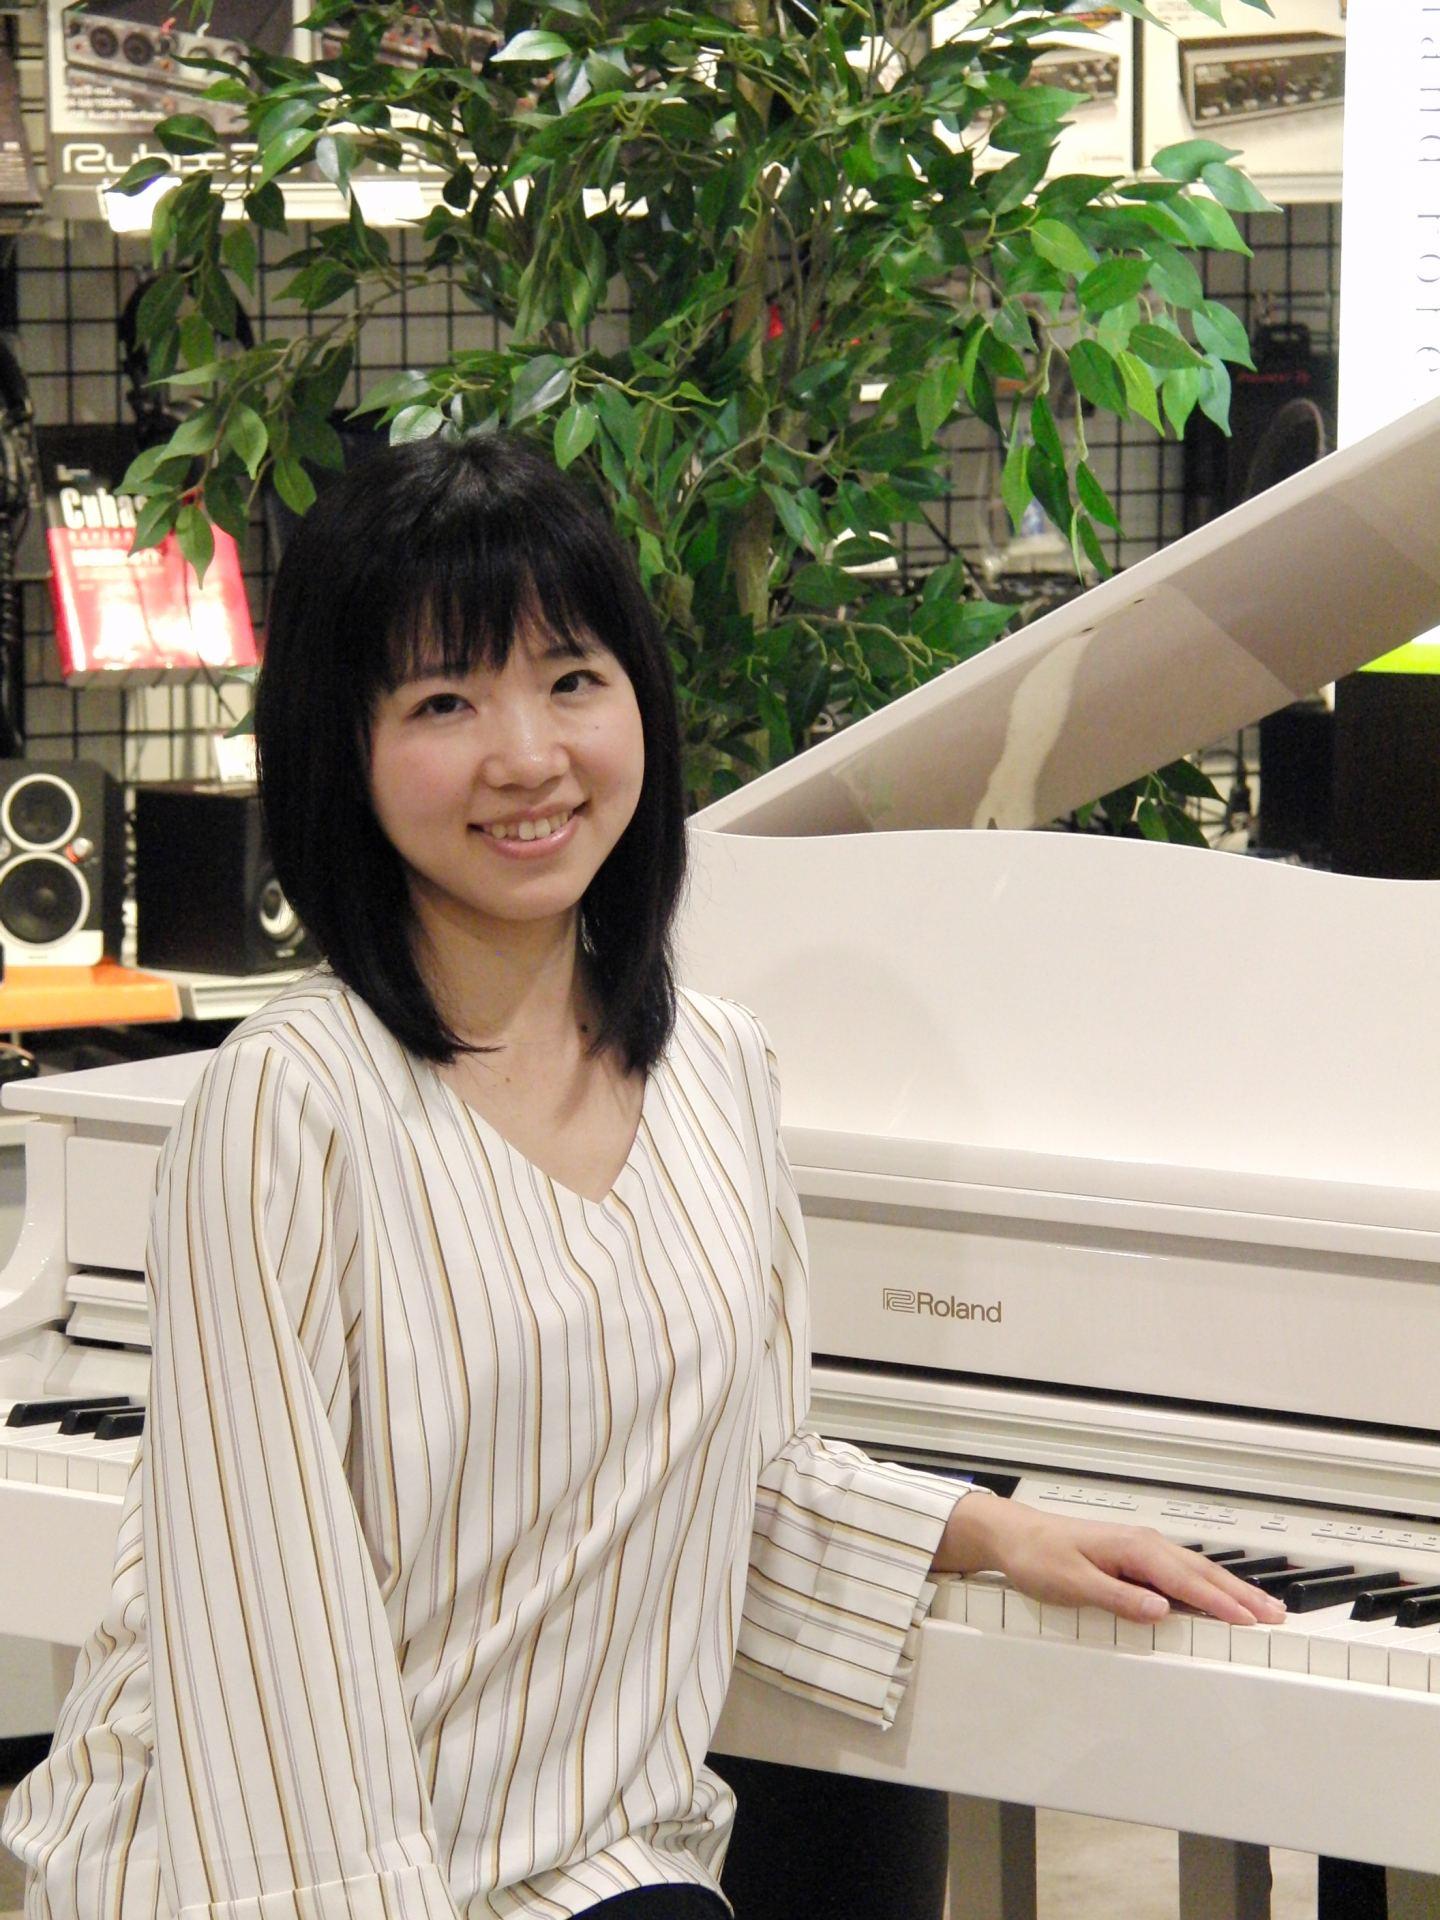 新所沢・所沢・ピアノ・教室・レッスン・櫻井奈津美・島村楽器